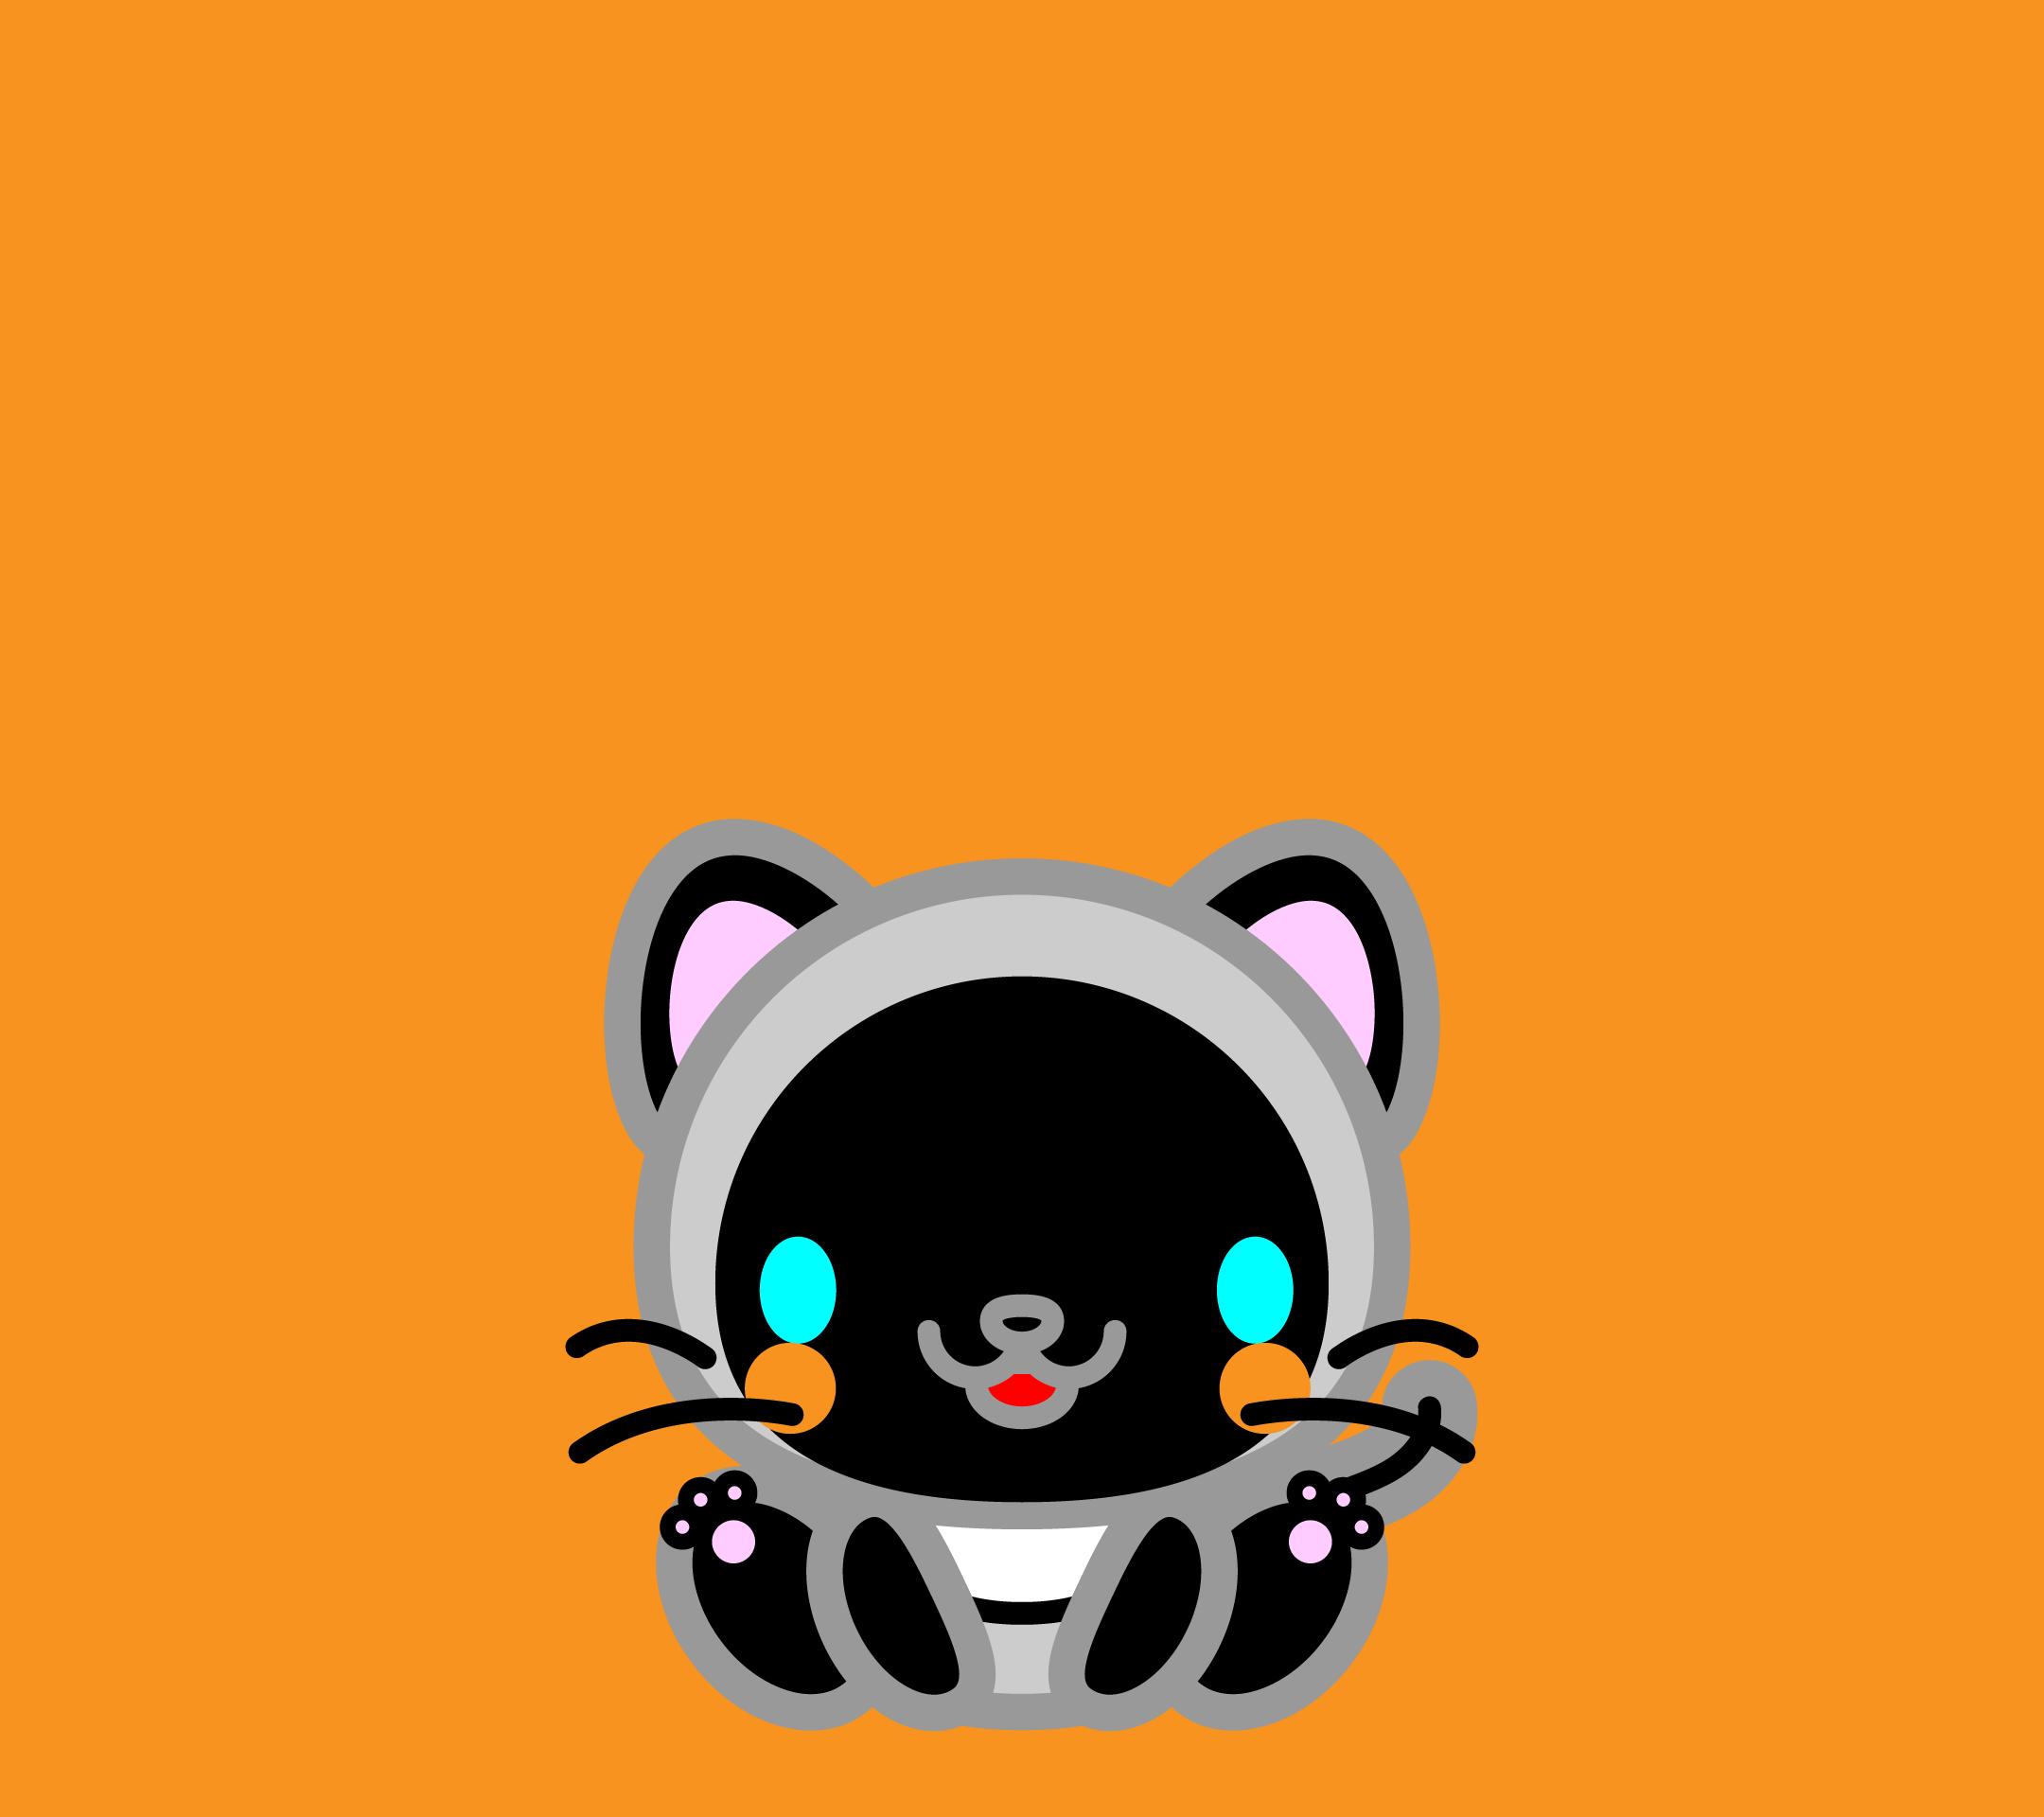 かわいい座りシャム猫壁紙(Android)の無料イラスト・商用フリー